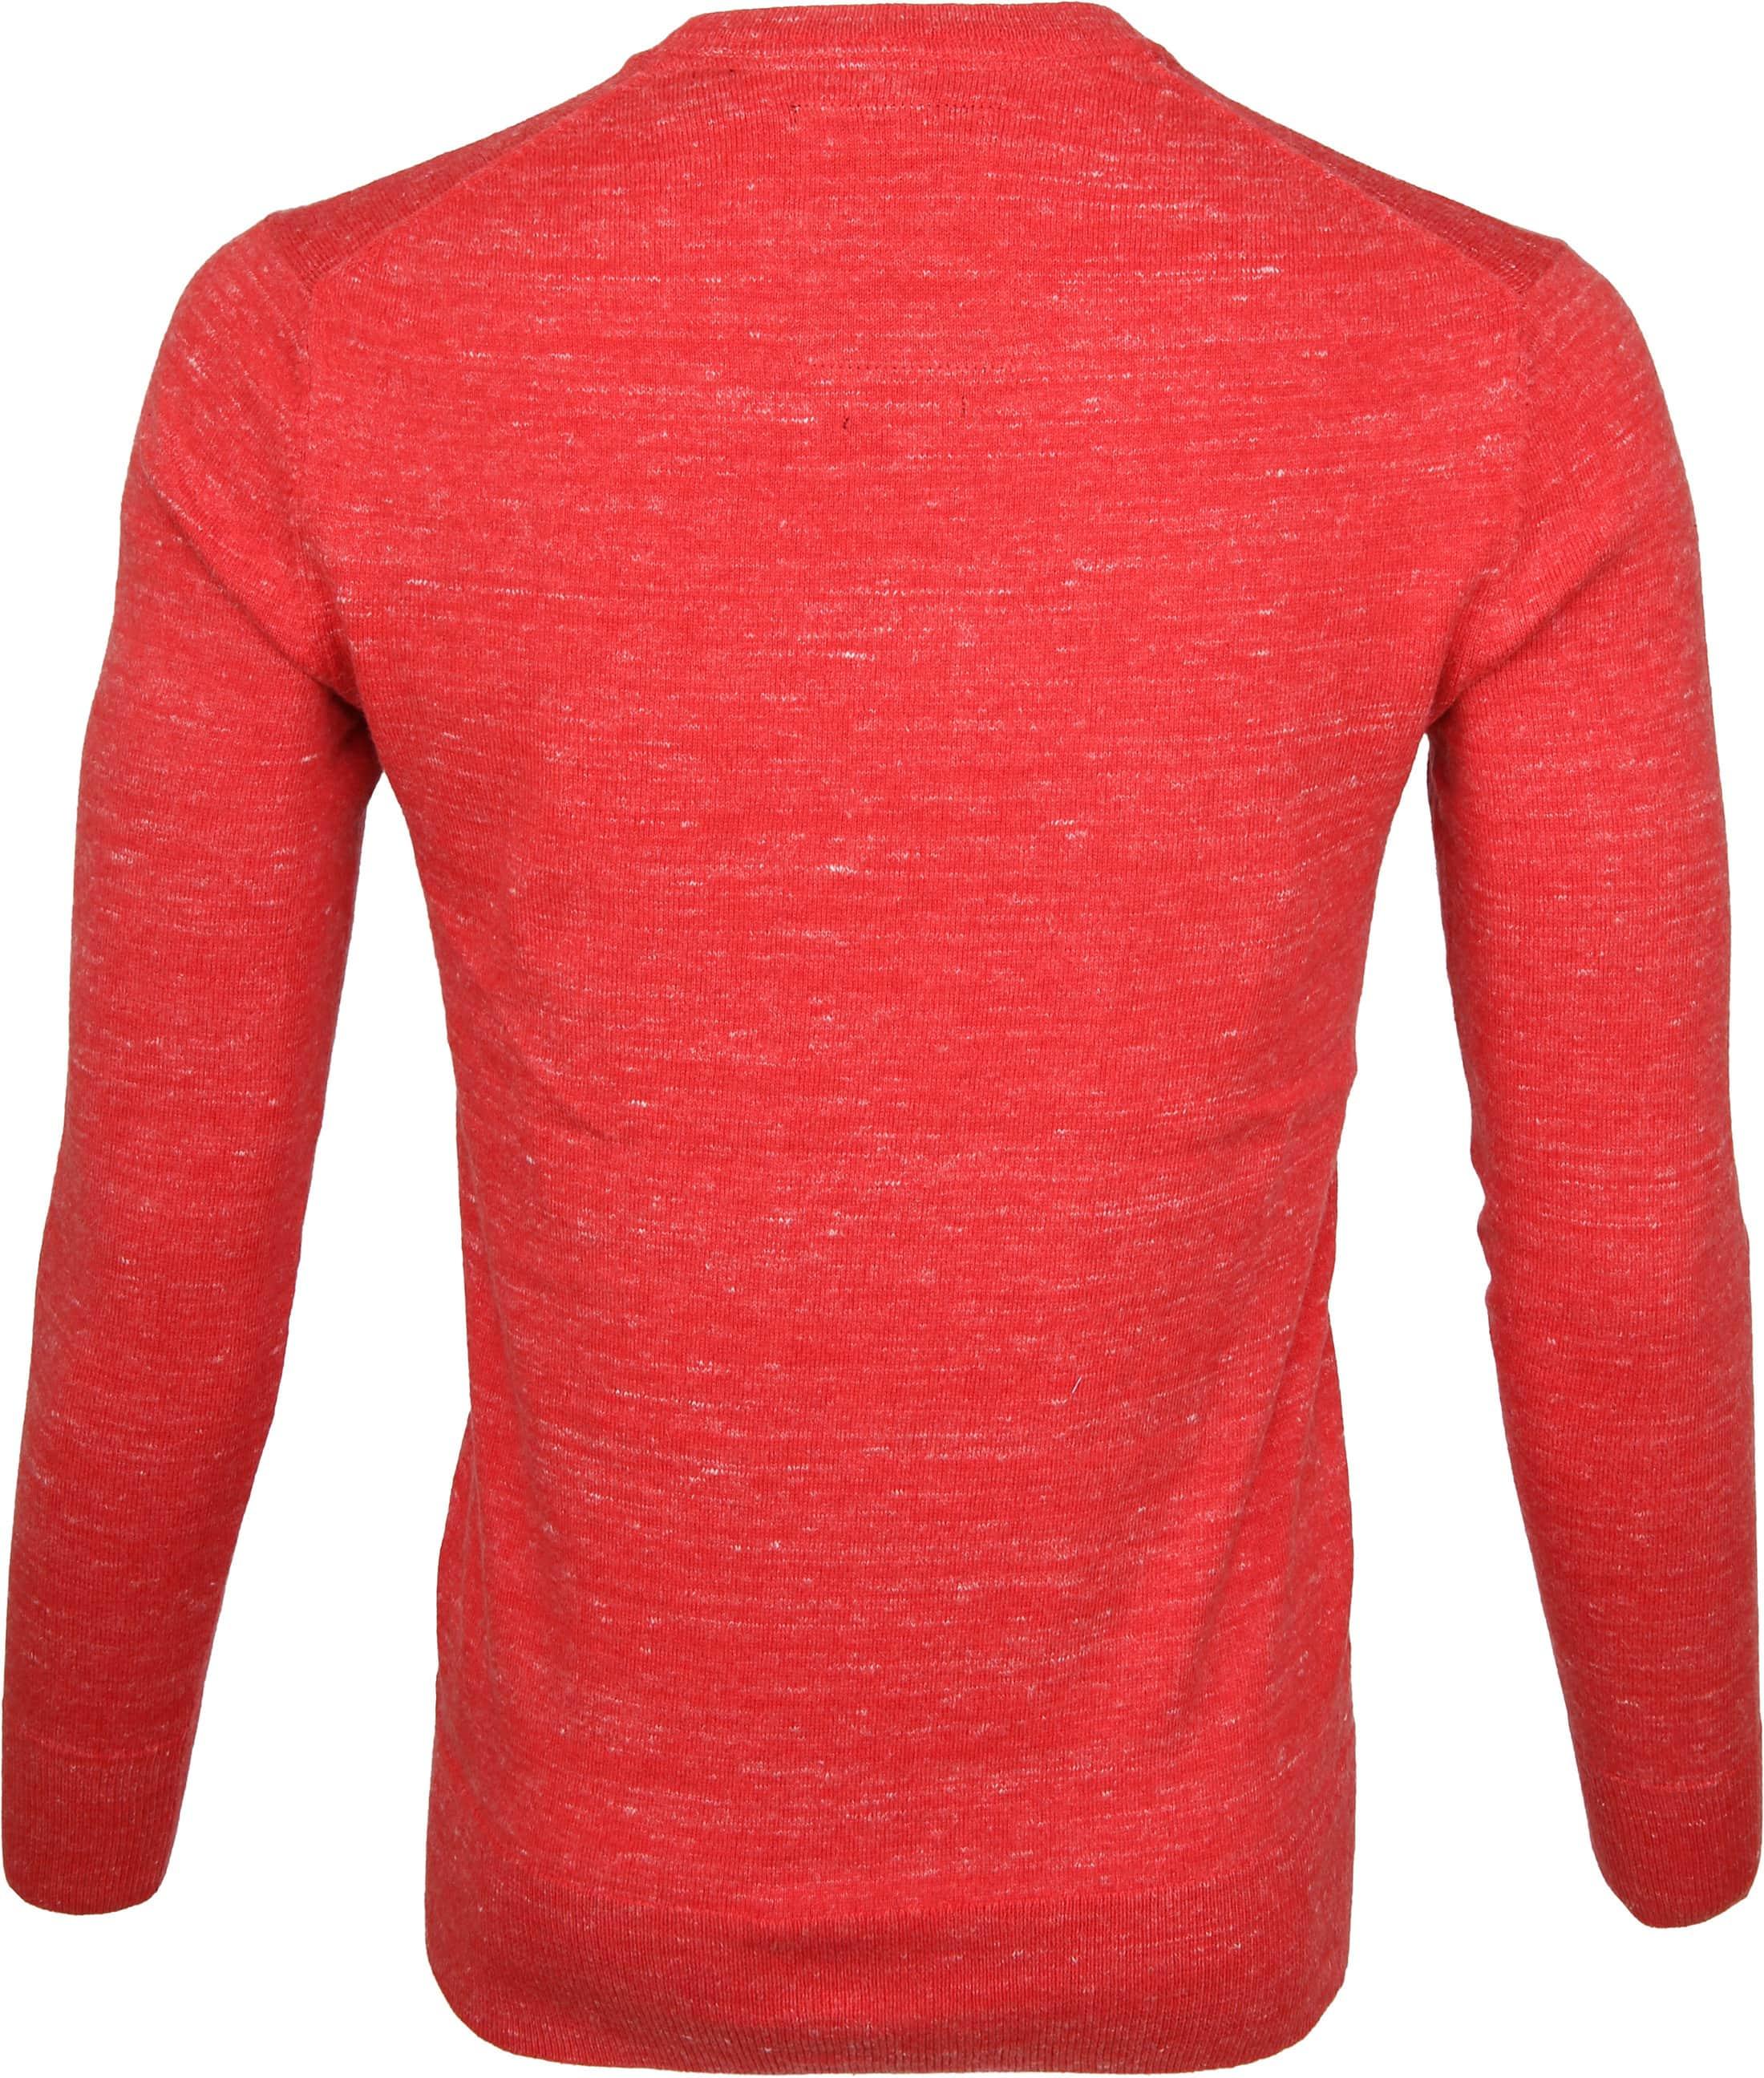 Superdry Pullover Melange Rood foto 2